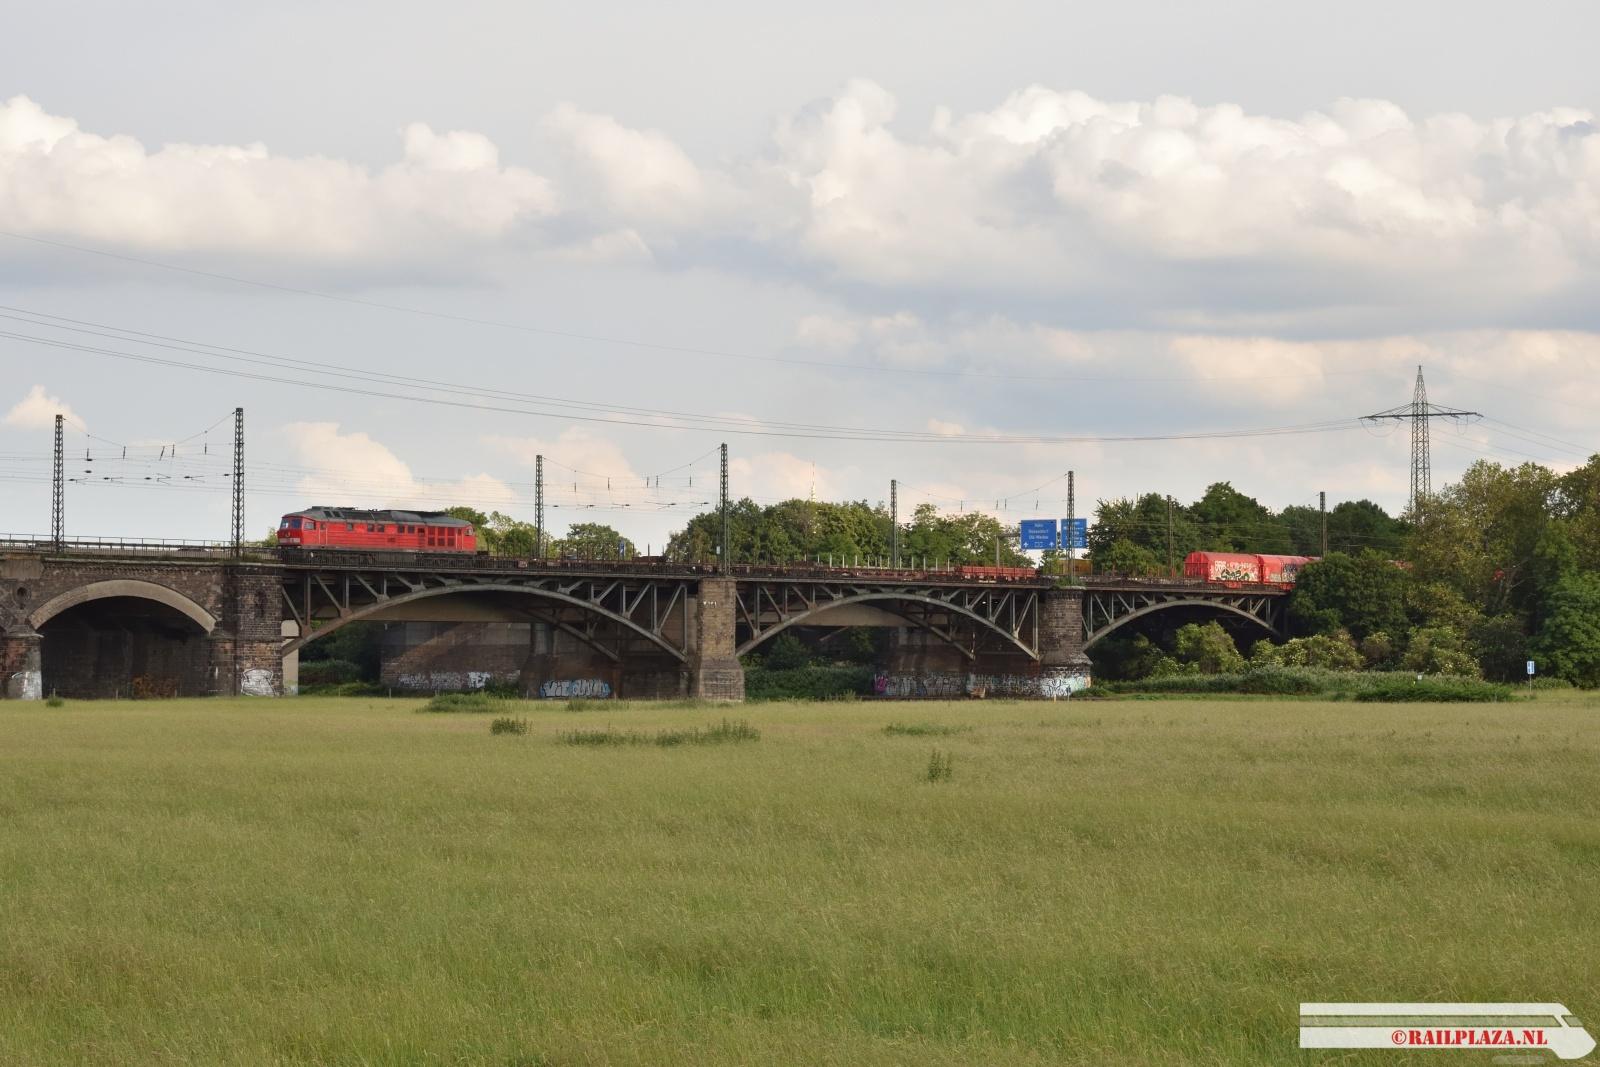 232 654 - Duisburg